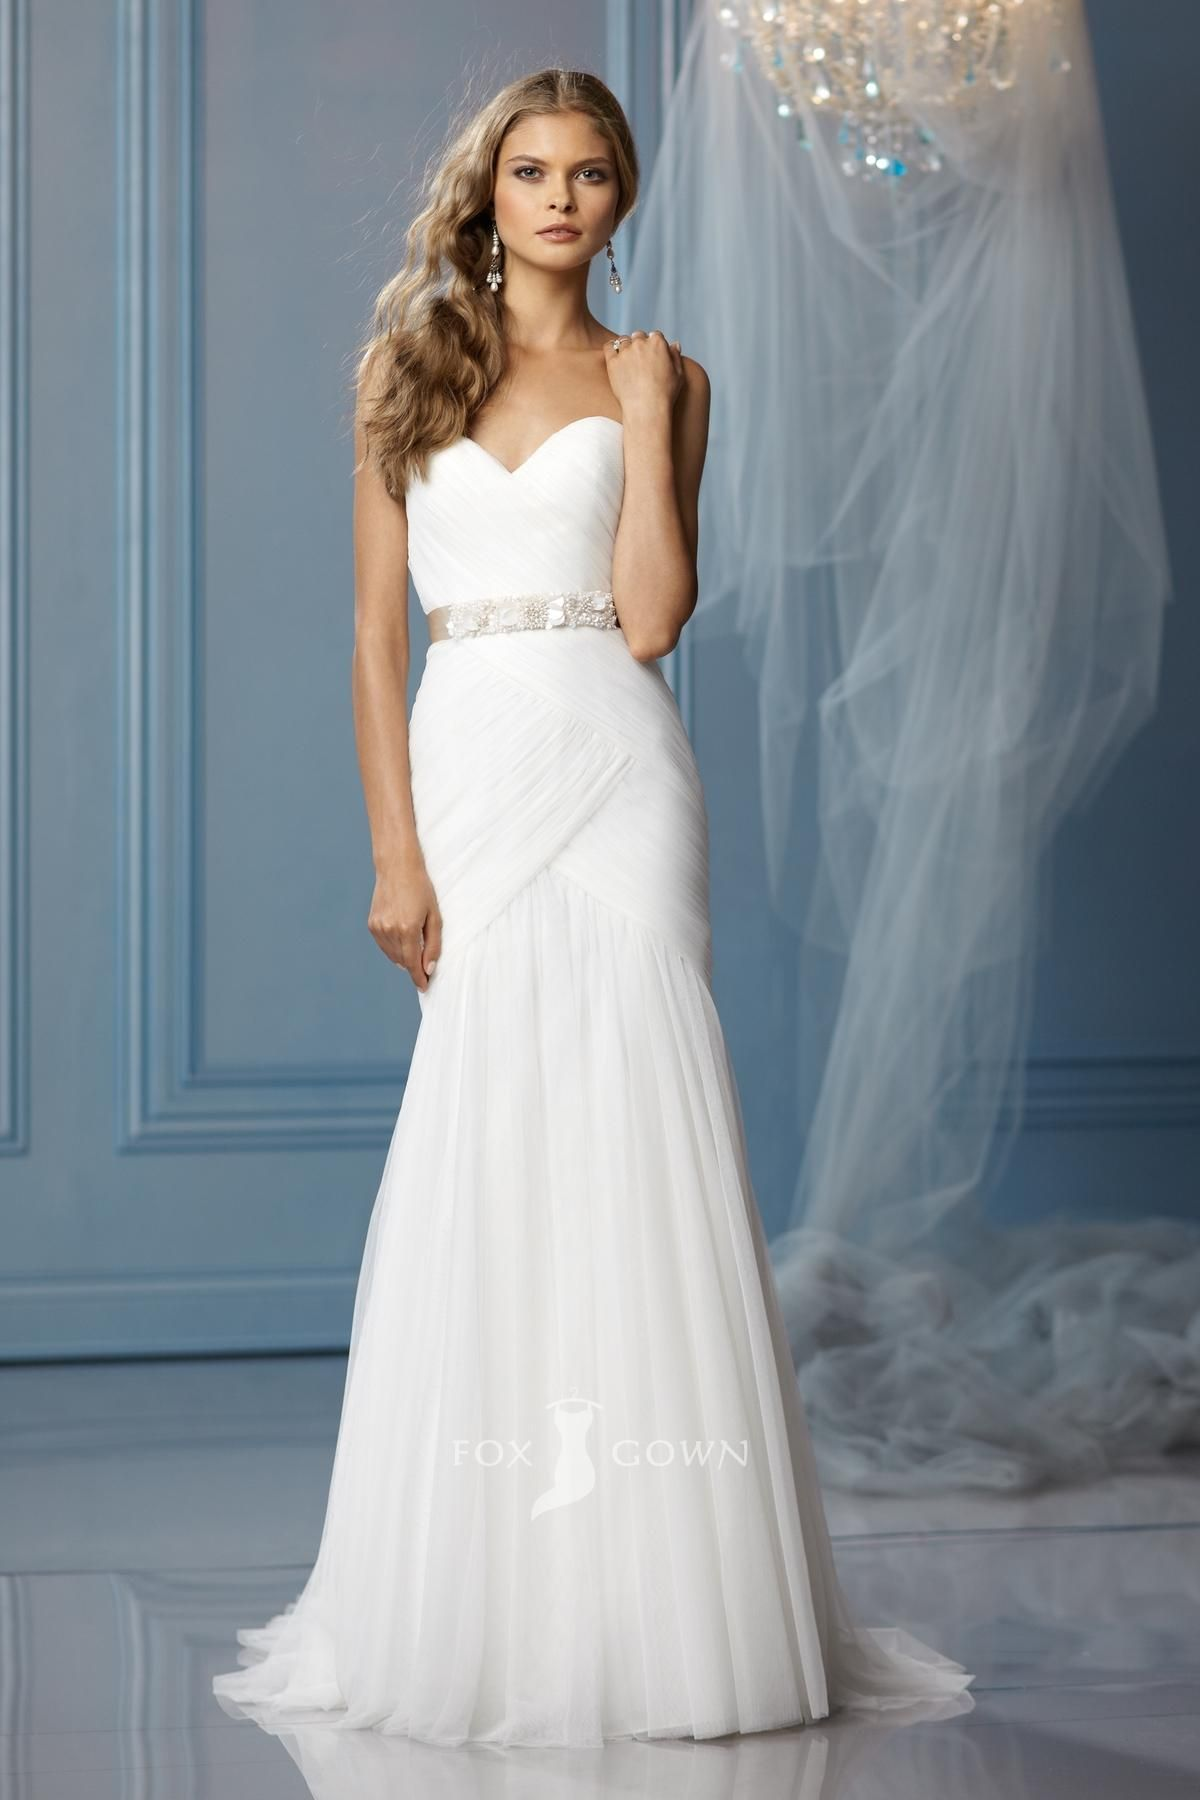 Affordable destination wedding dresses under 1 000 for Cheap destination wedding dresses